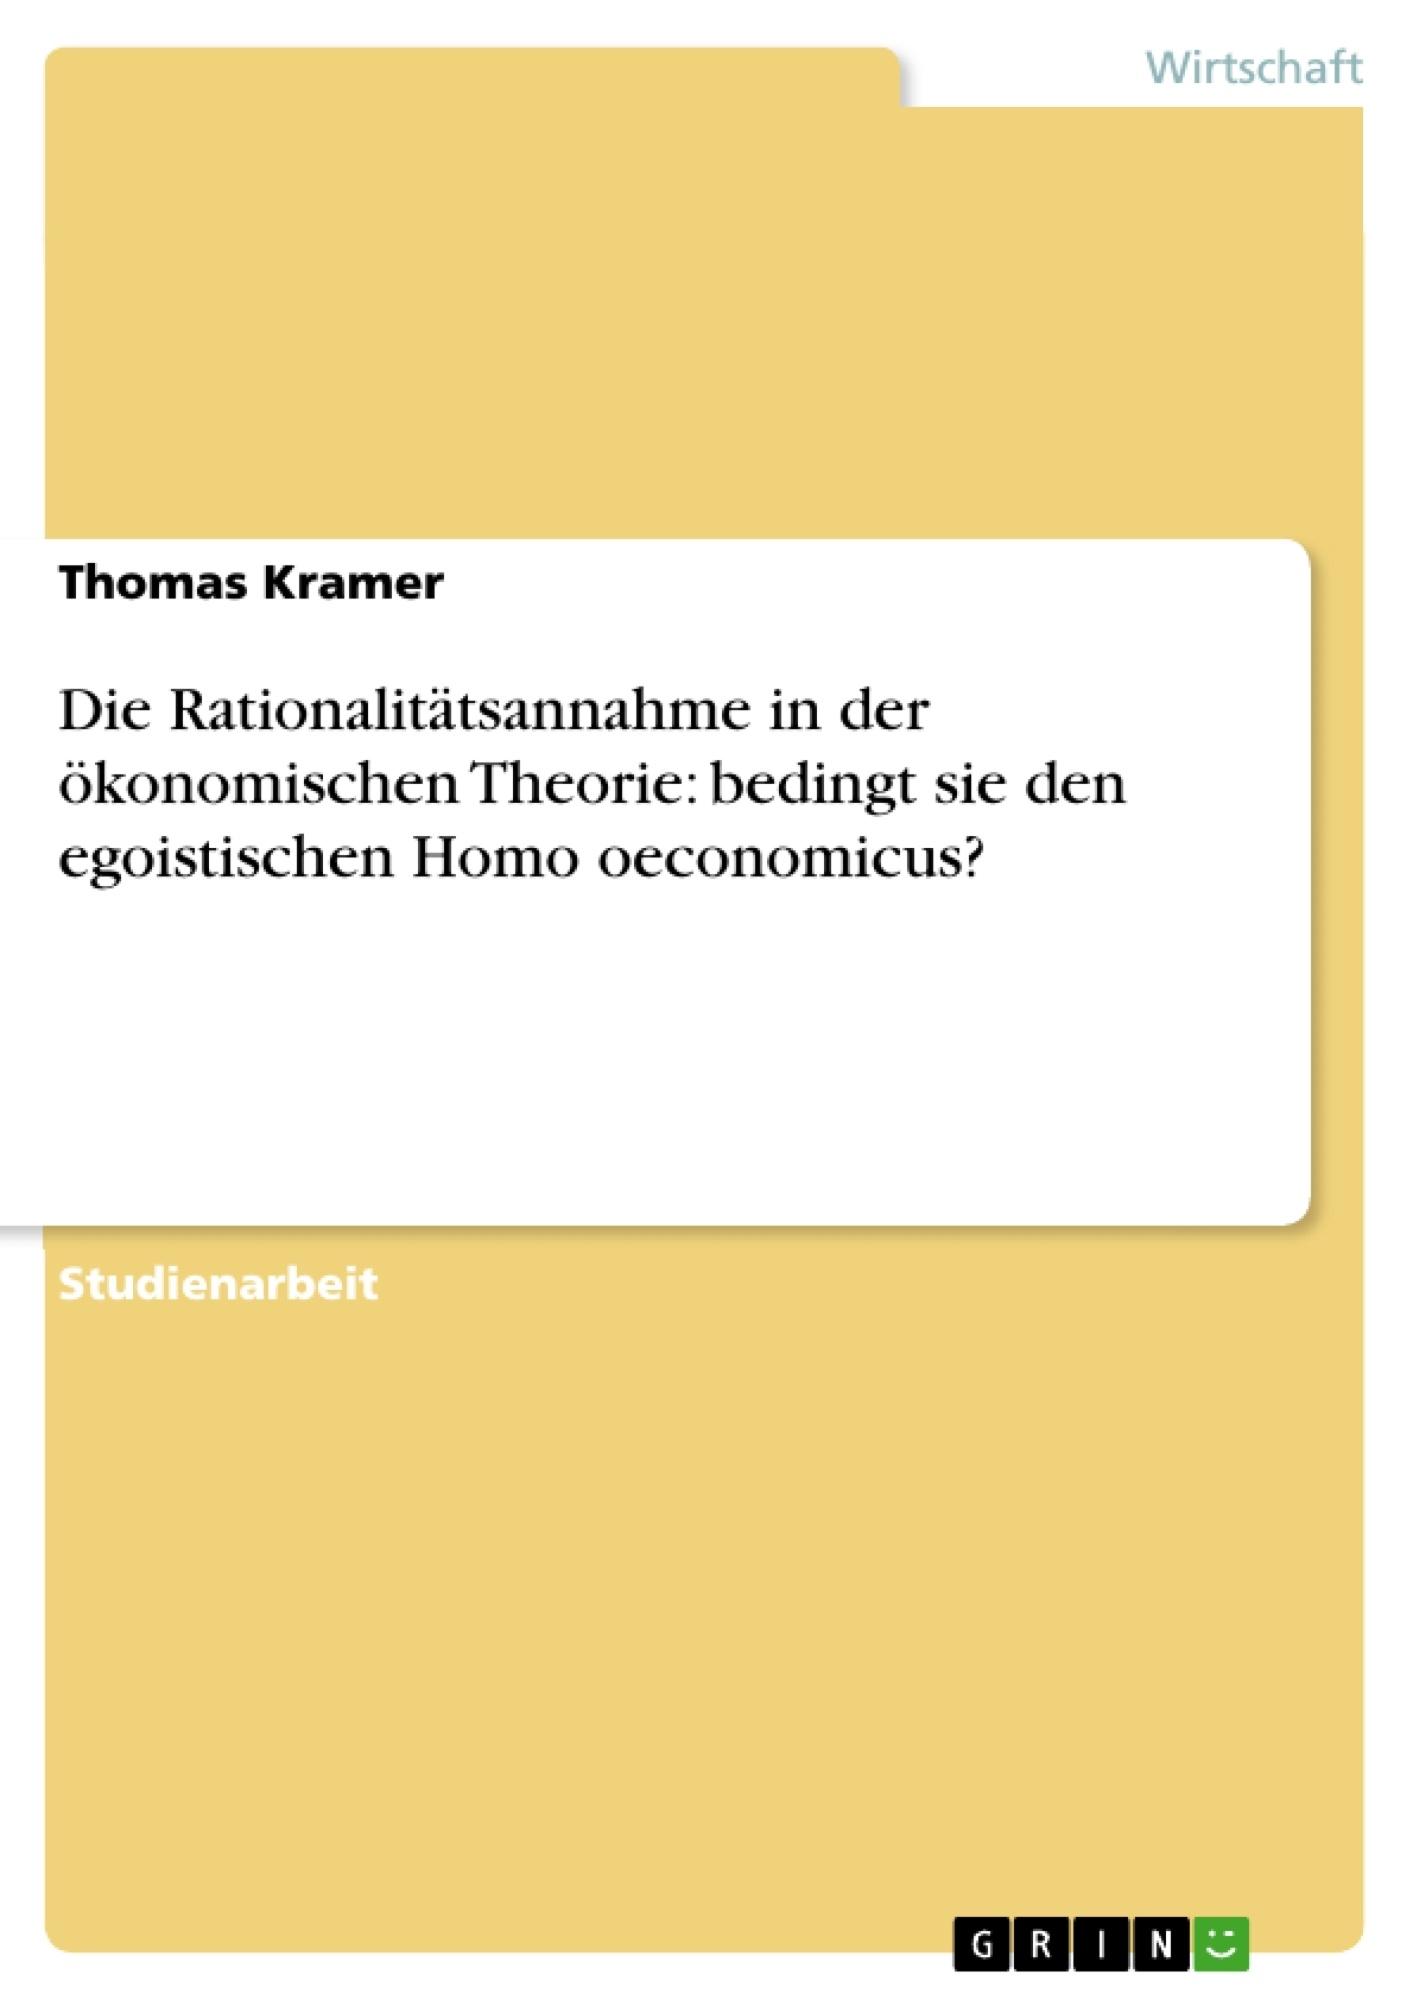 Titel: Die Rationalitätsannahme in der ökonomischen Theorie: bedingt sie den egoistischen Homo oeconomicus?